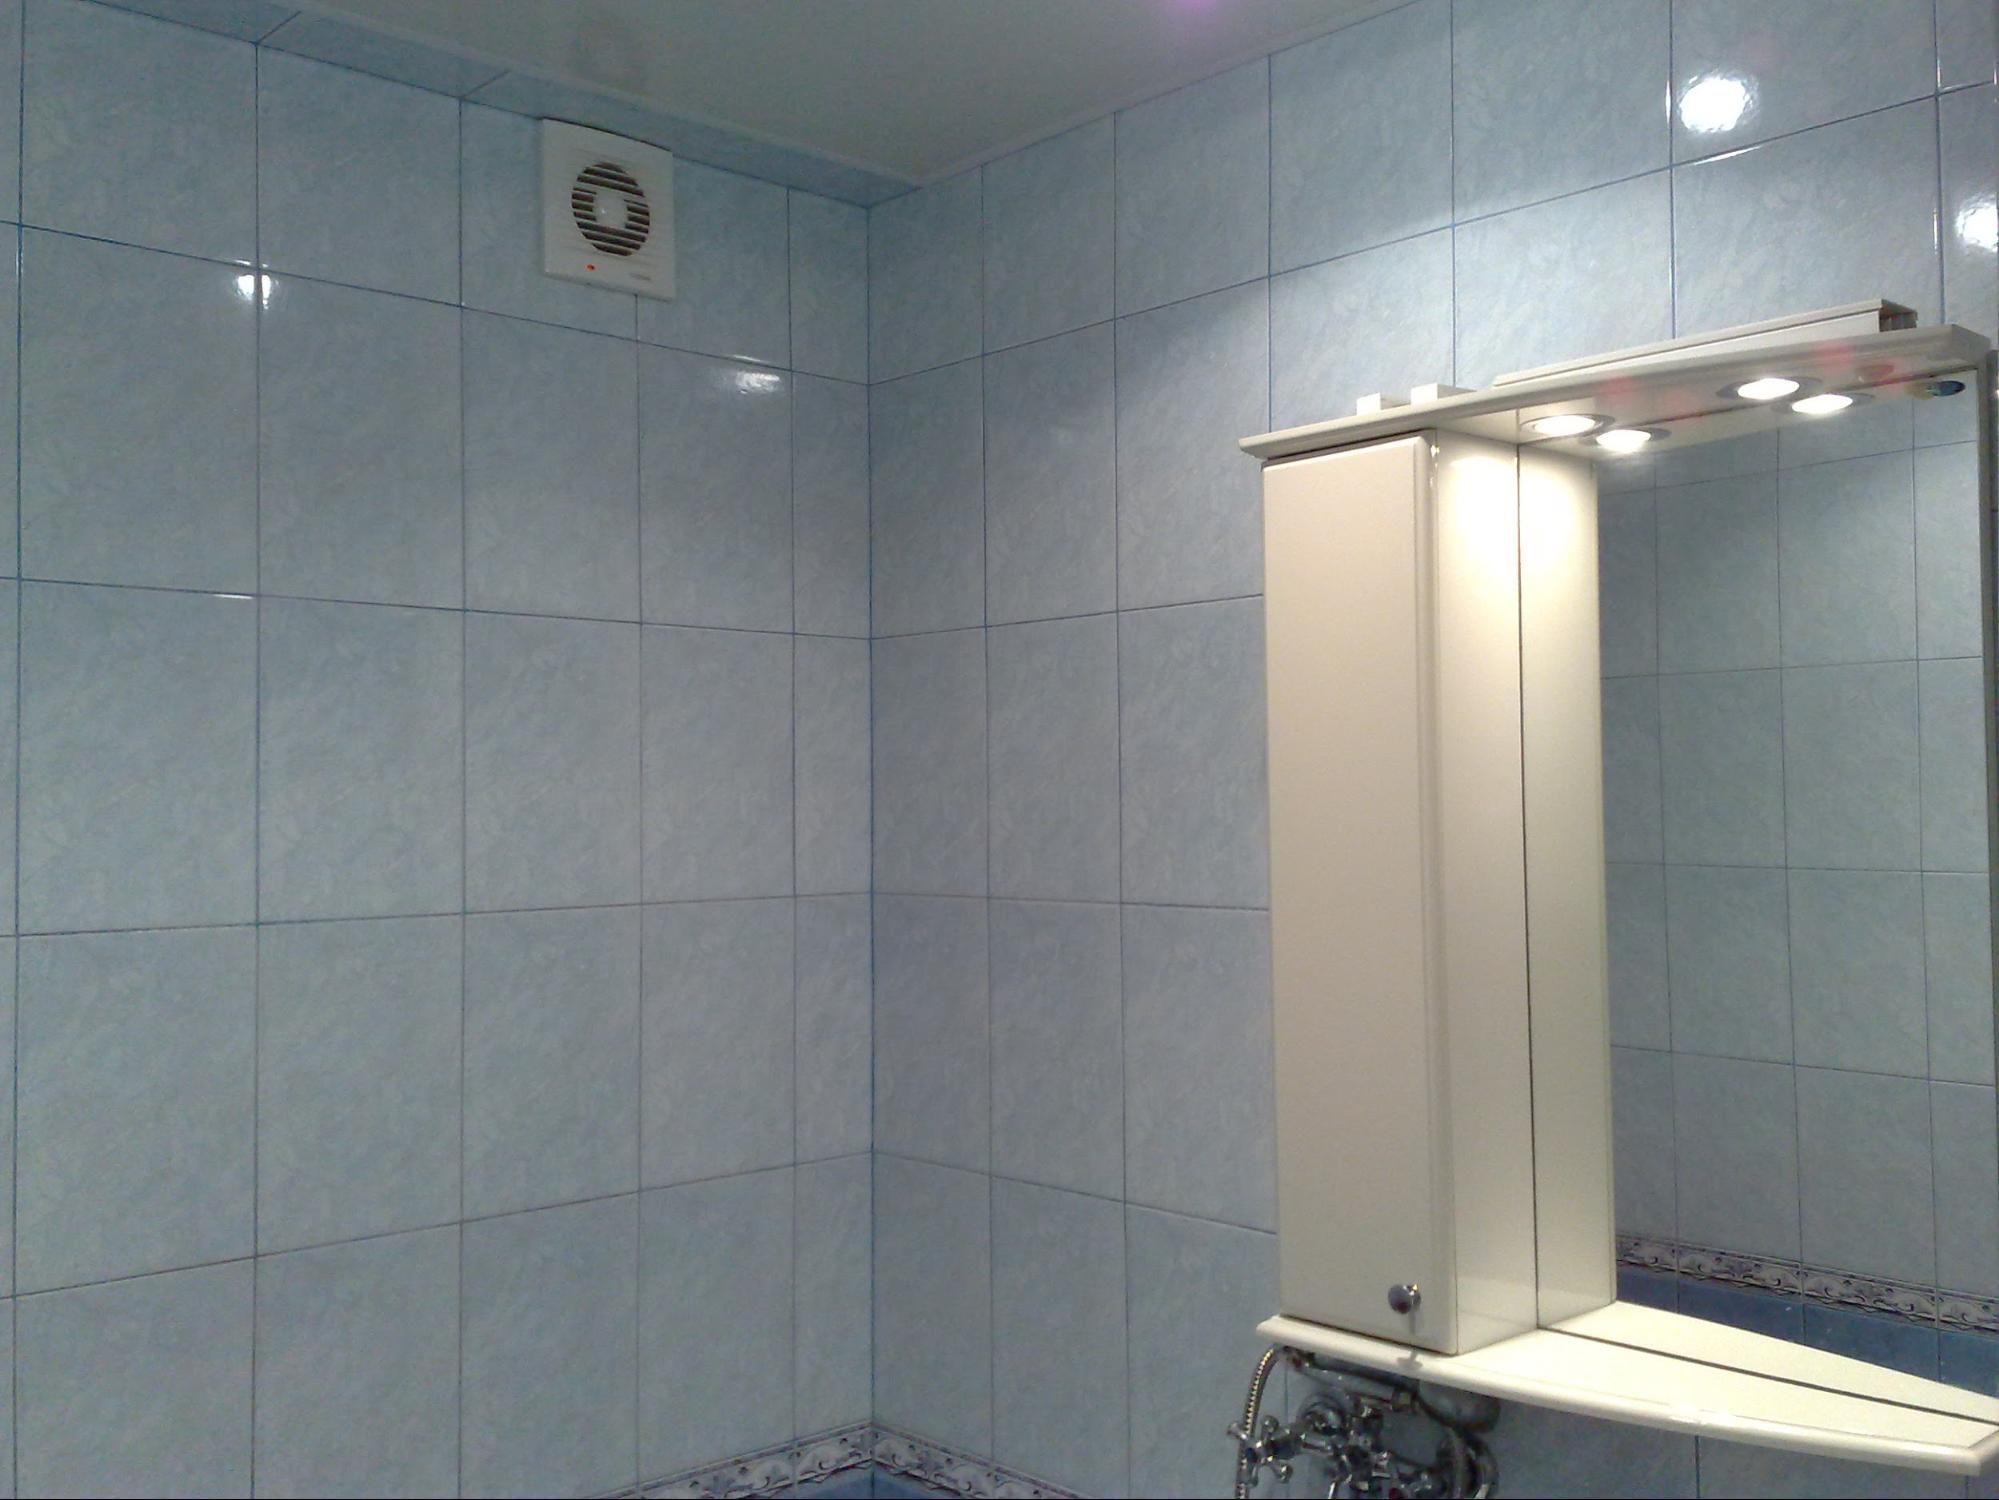 Как сделать вытяжку в ванной комнате в квартире8